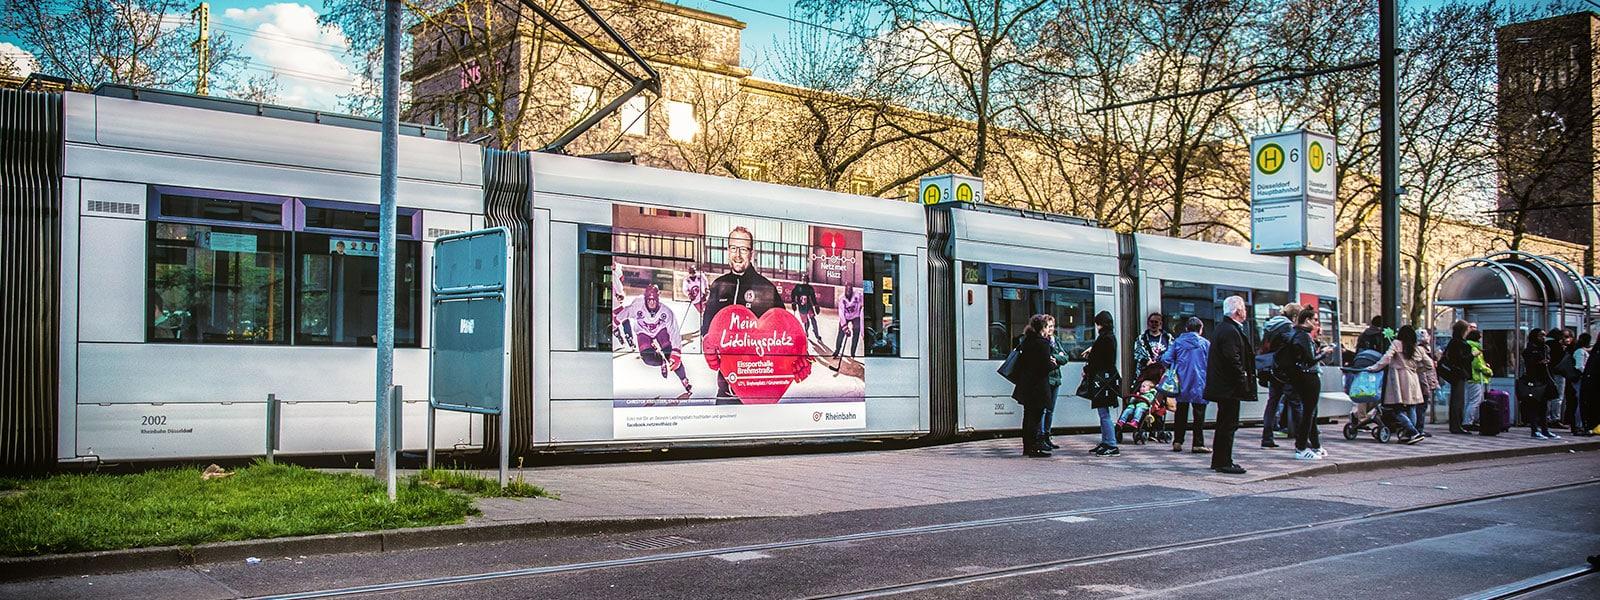 Leverkusen-Verkehrsmittelwerbung-Bahn-Traffic-Board